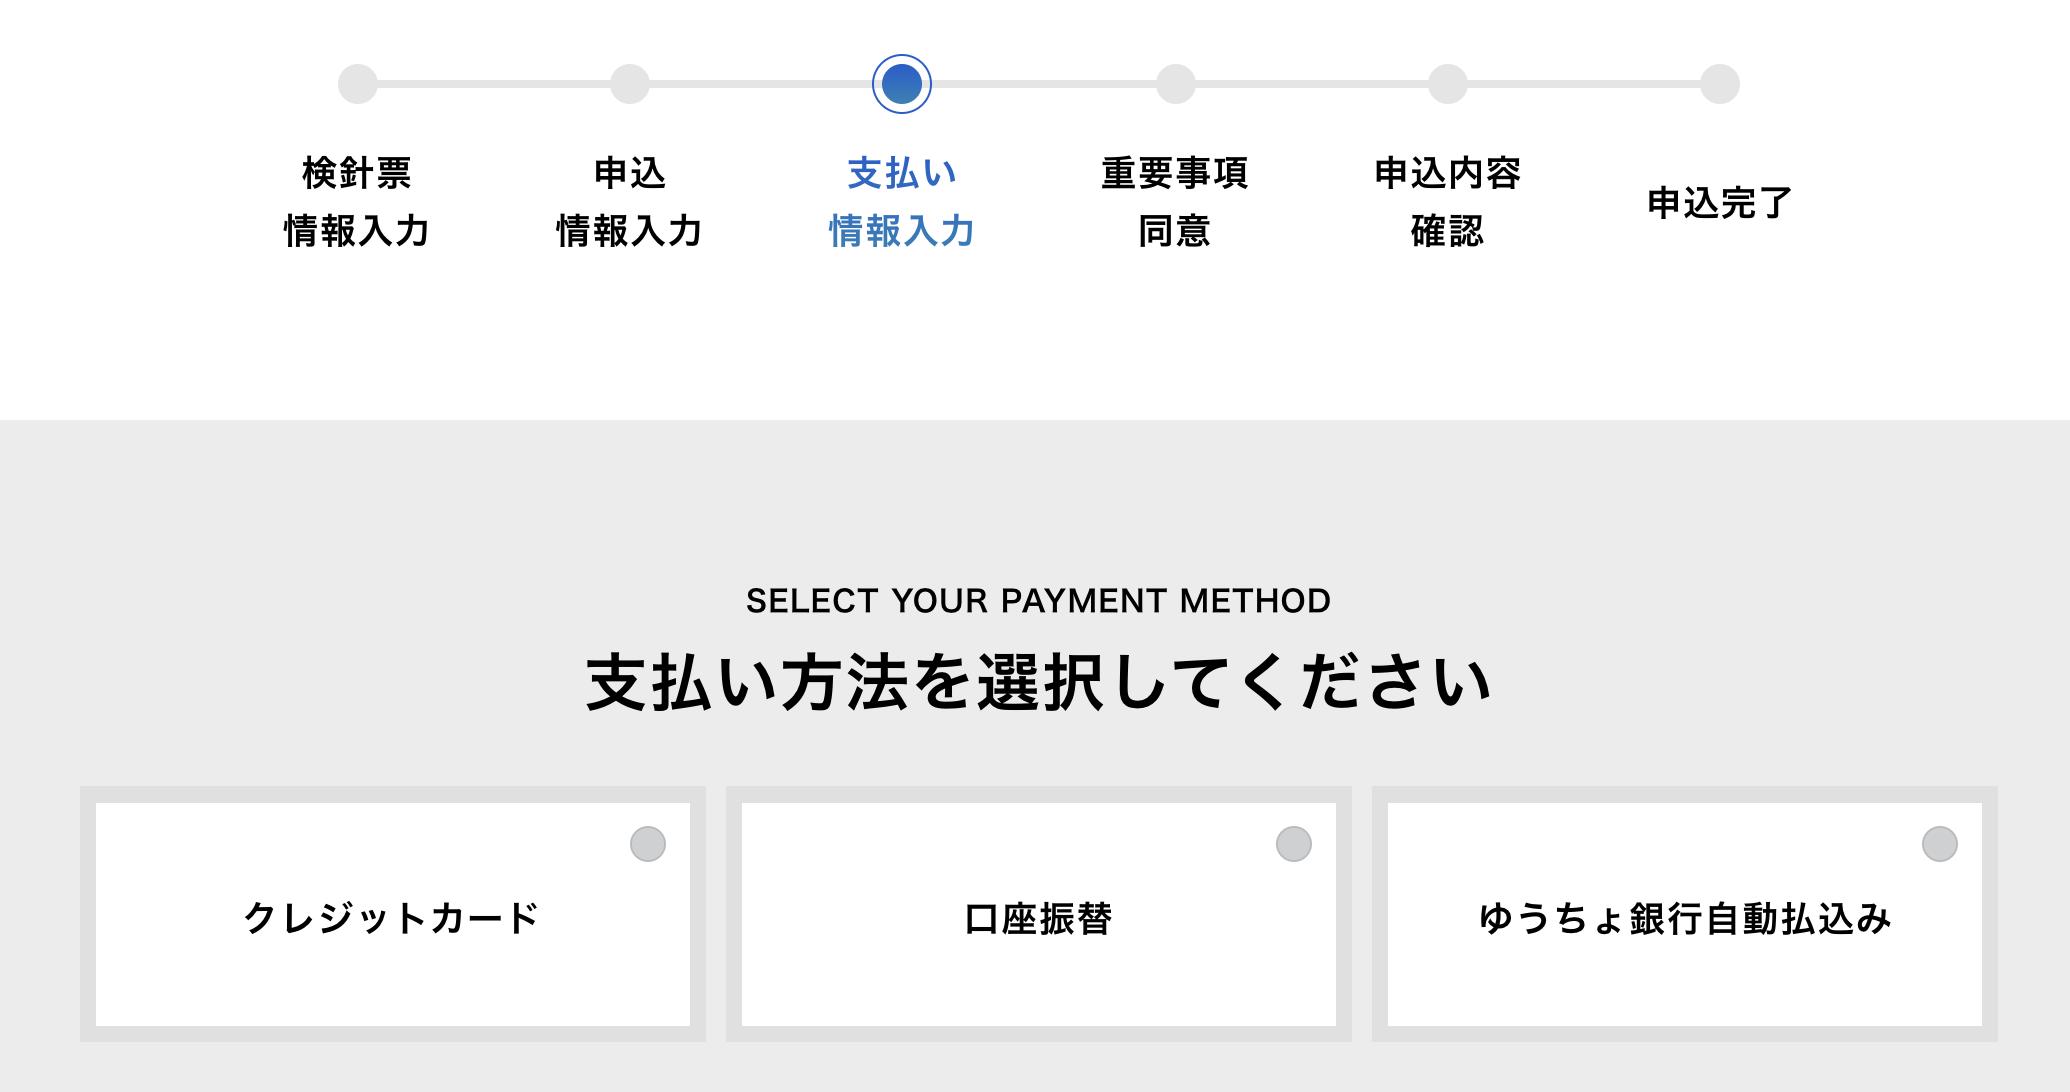 ソフトバンクおうちでんき 支払い情報